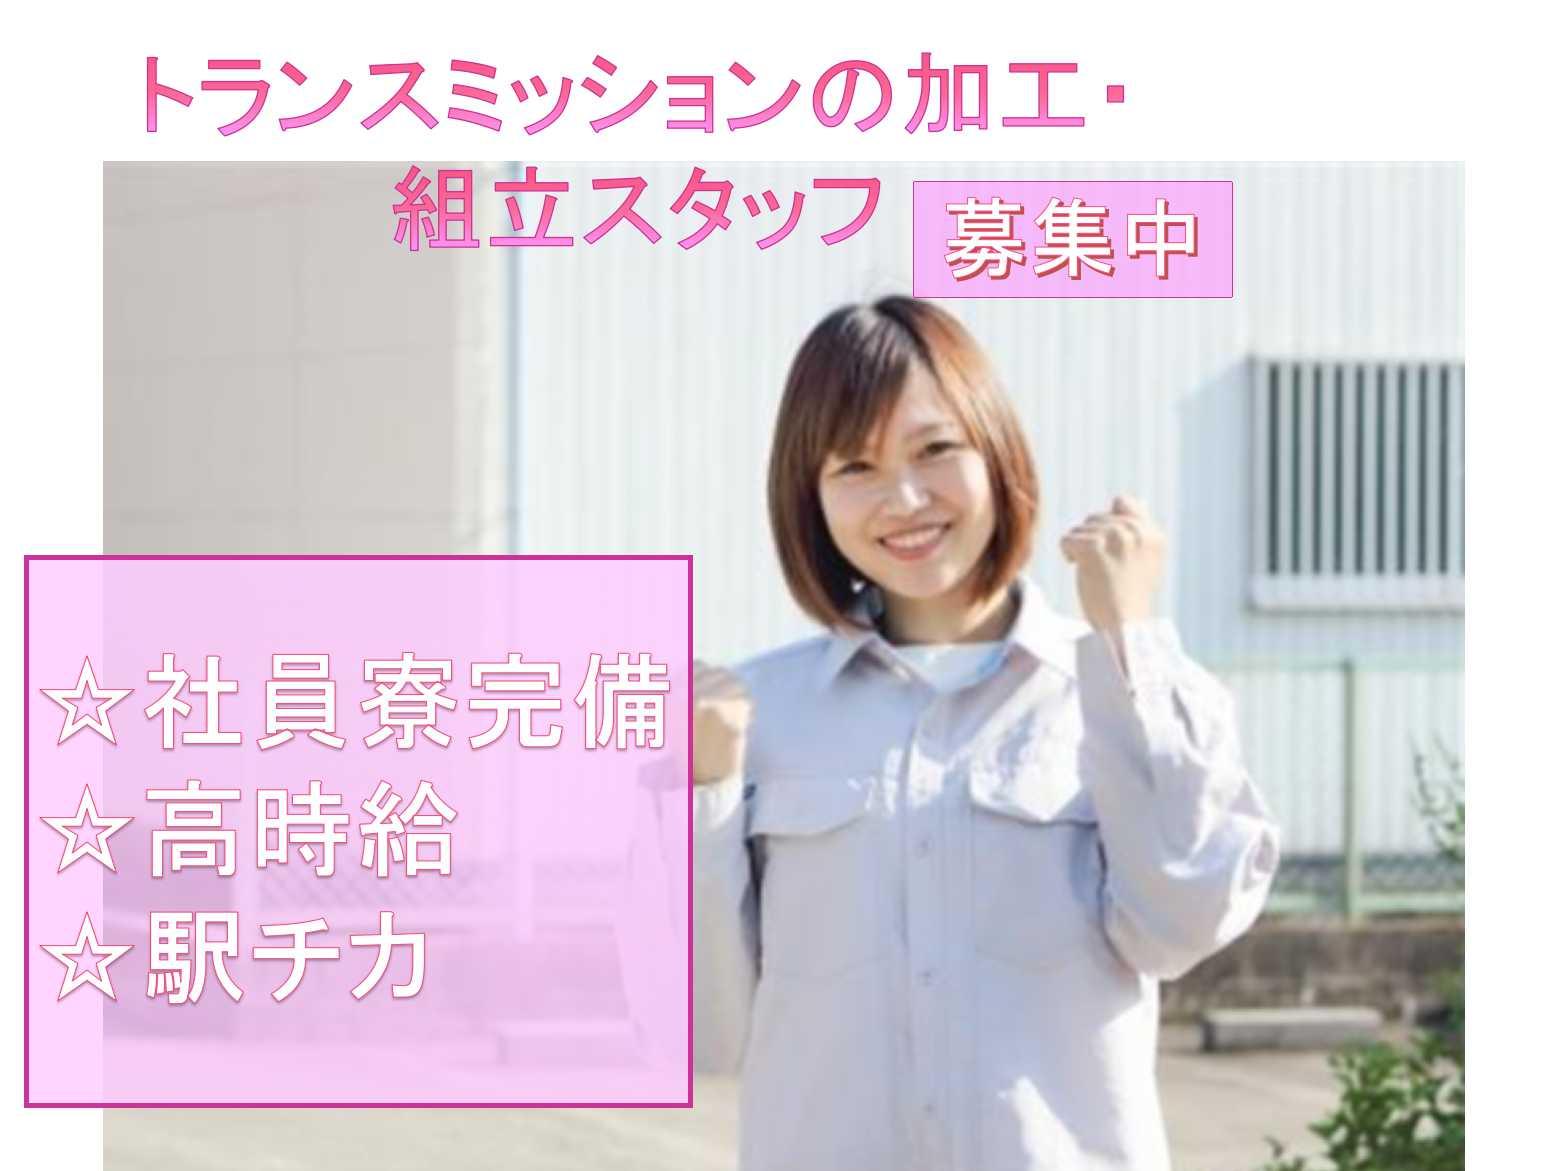 【名古屋市港区】駅から徒歩6分◆高時給◆トランスミッションの加工・組立スタッフ募集◆ イメージ